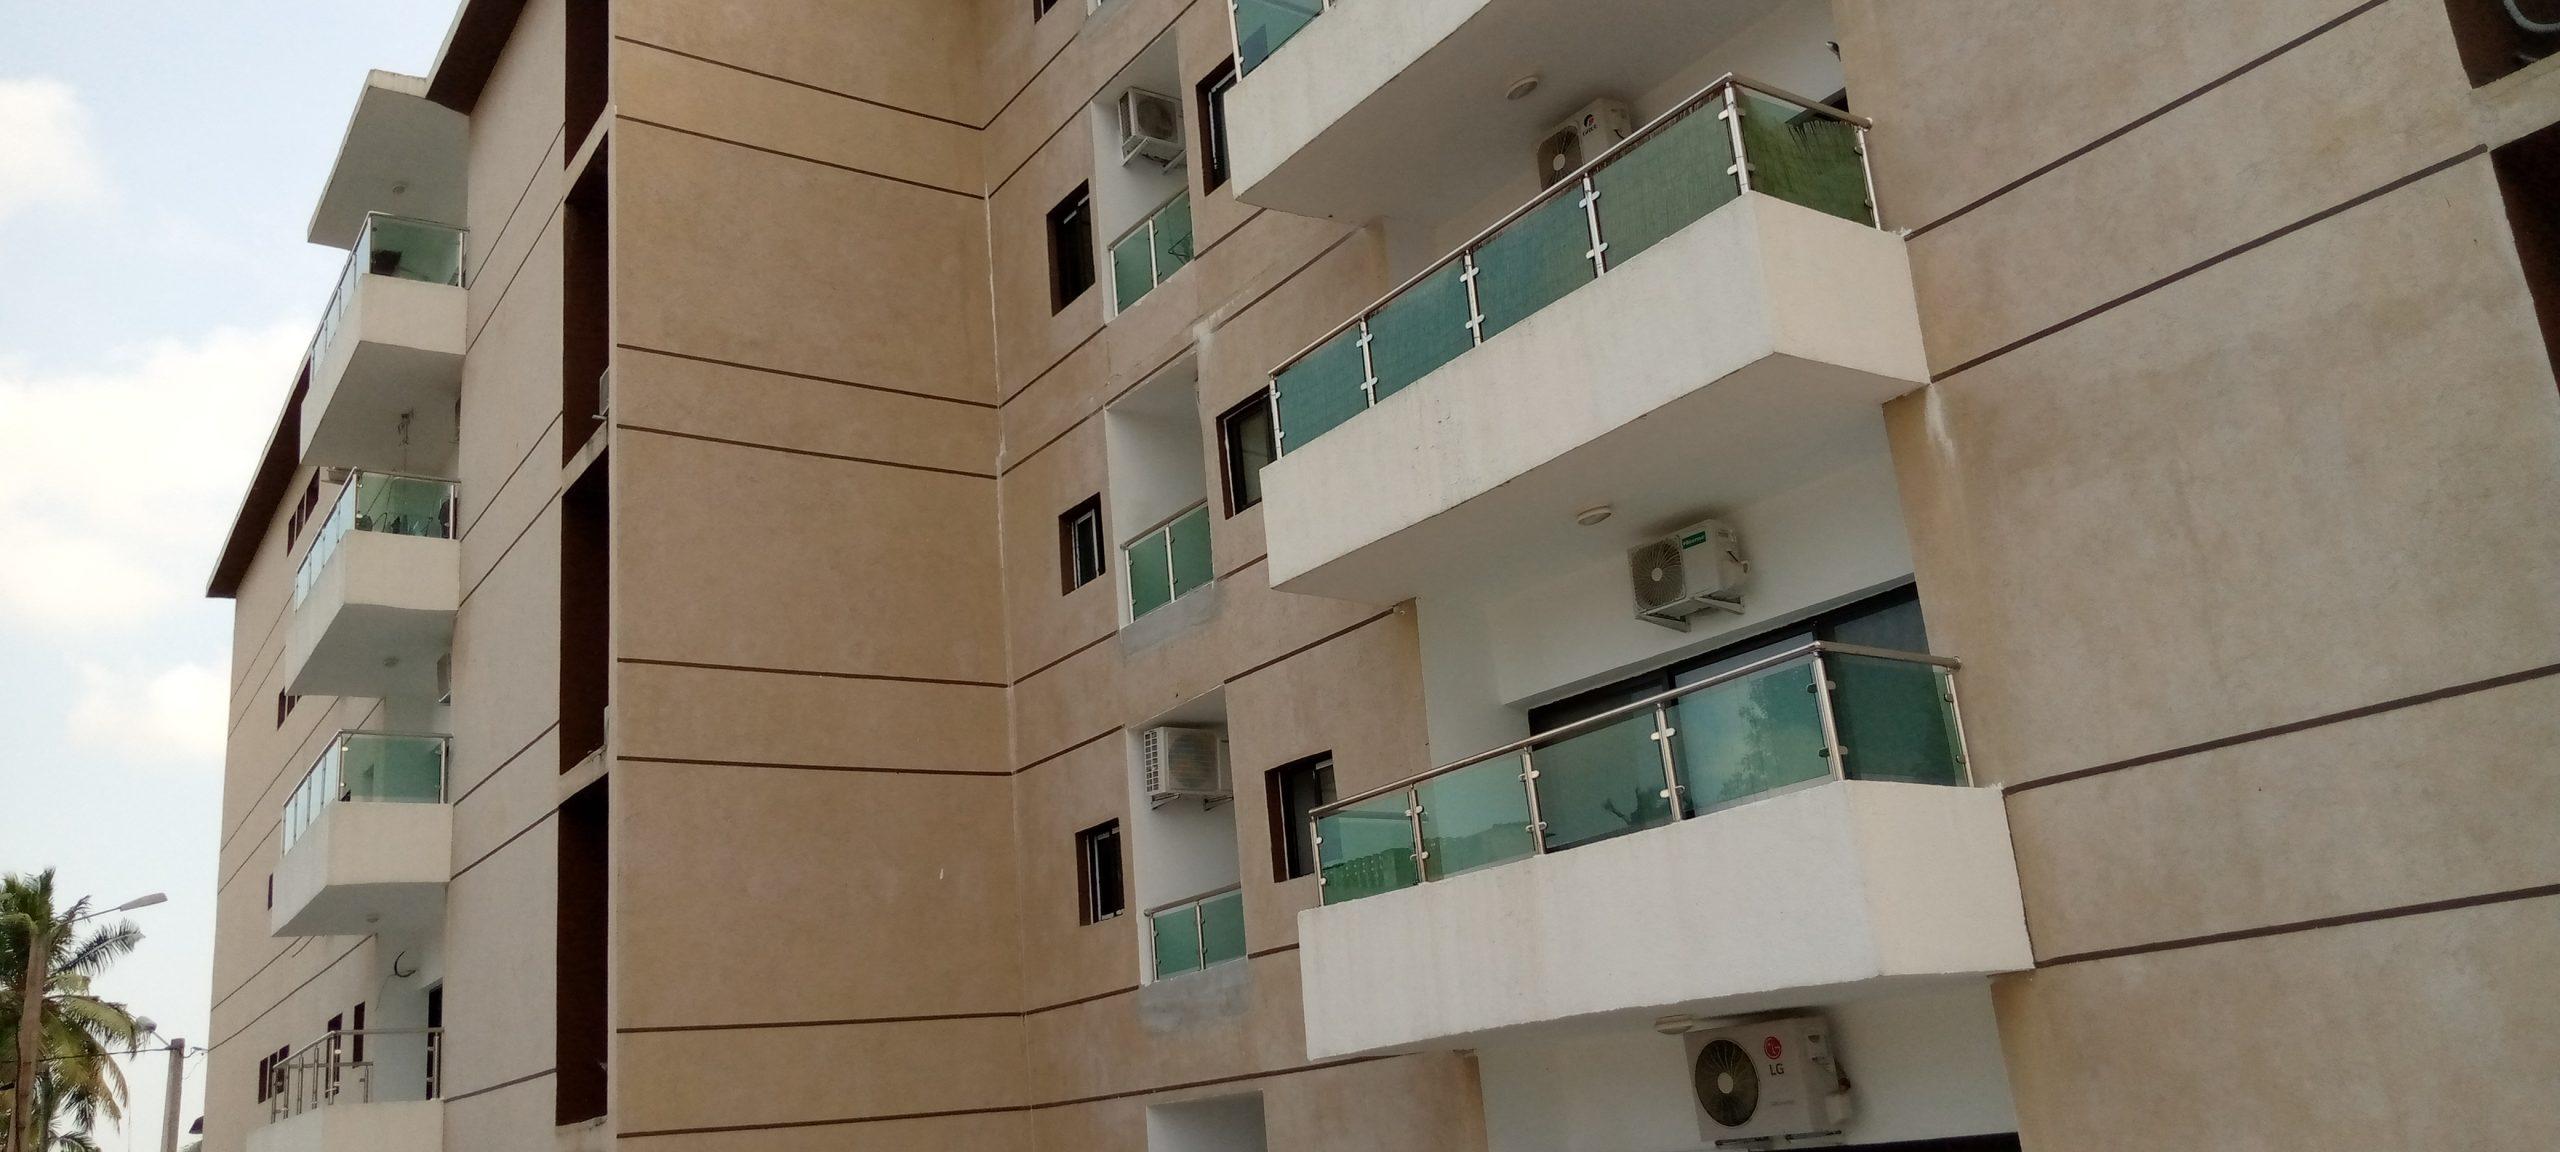 Appartement de 4 pièces à louer au 2 plateaux